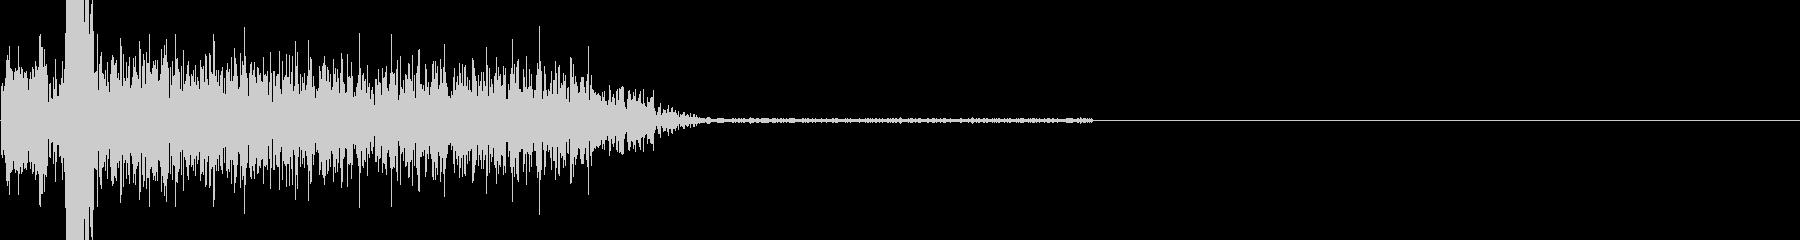 サーボエンドとクランクの未再生の波形